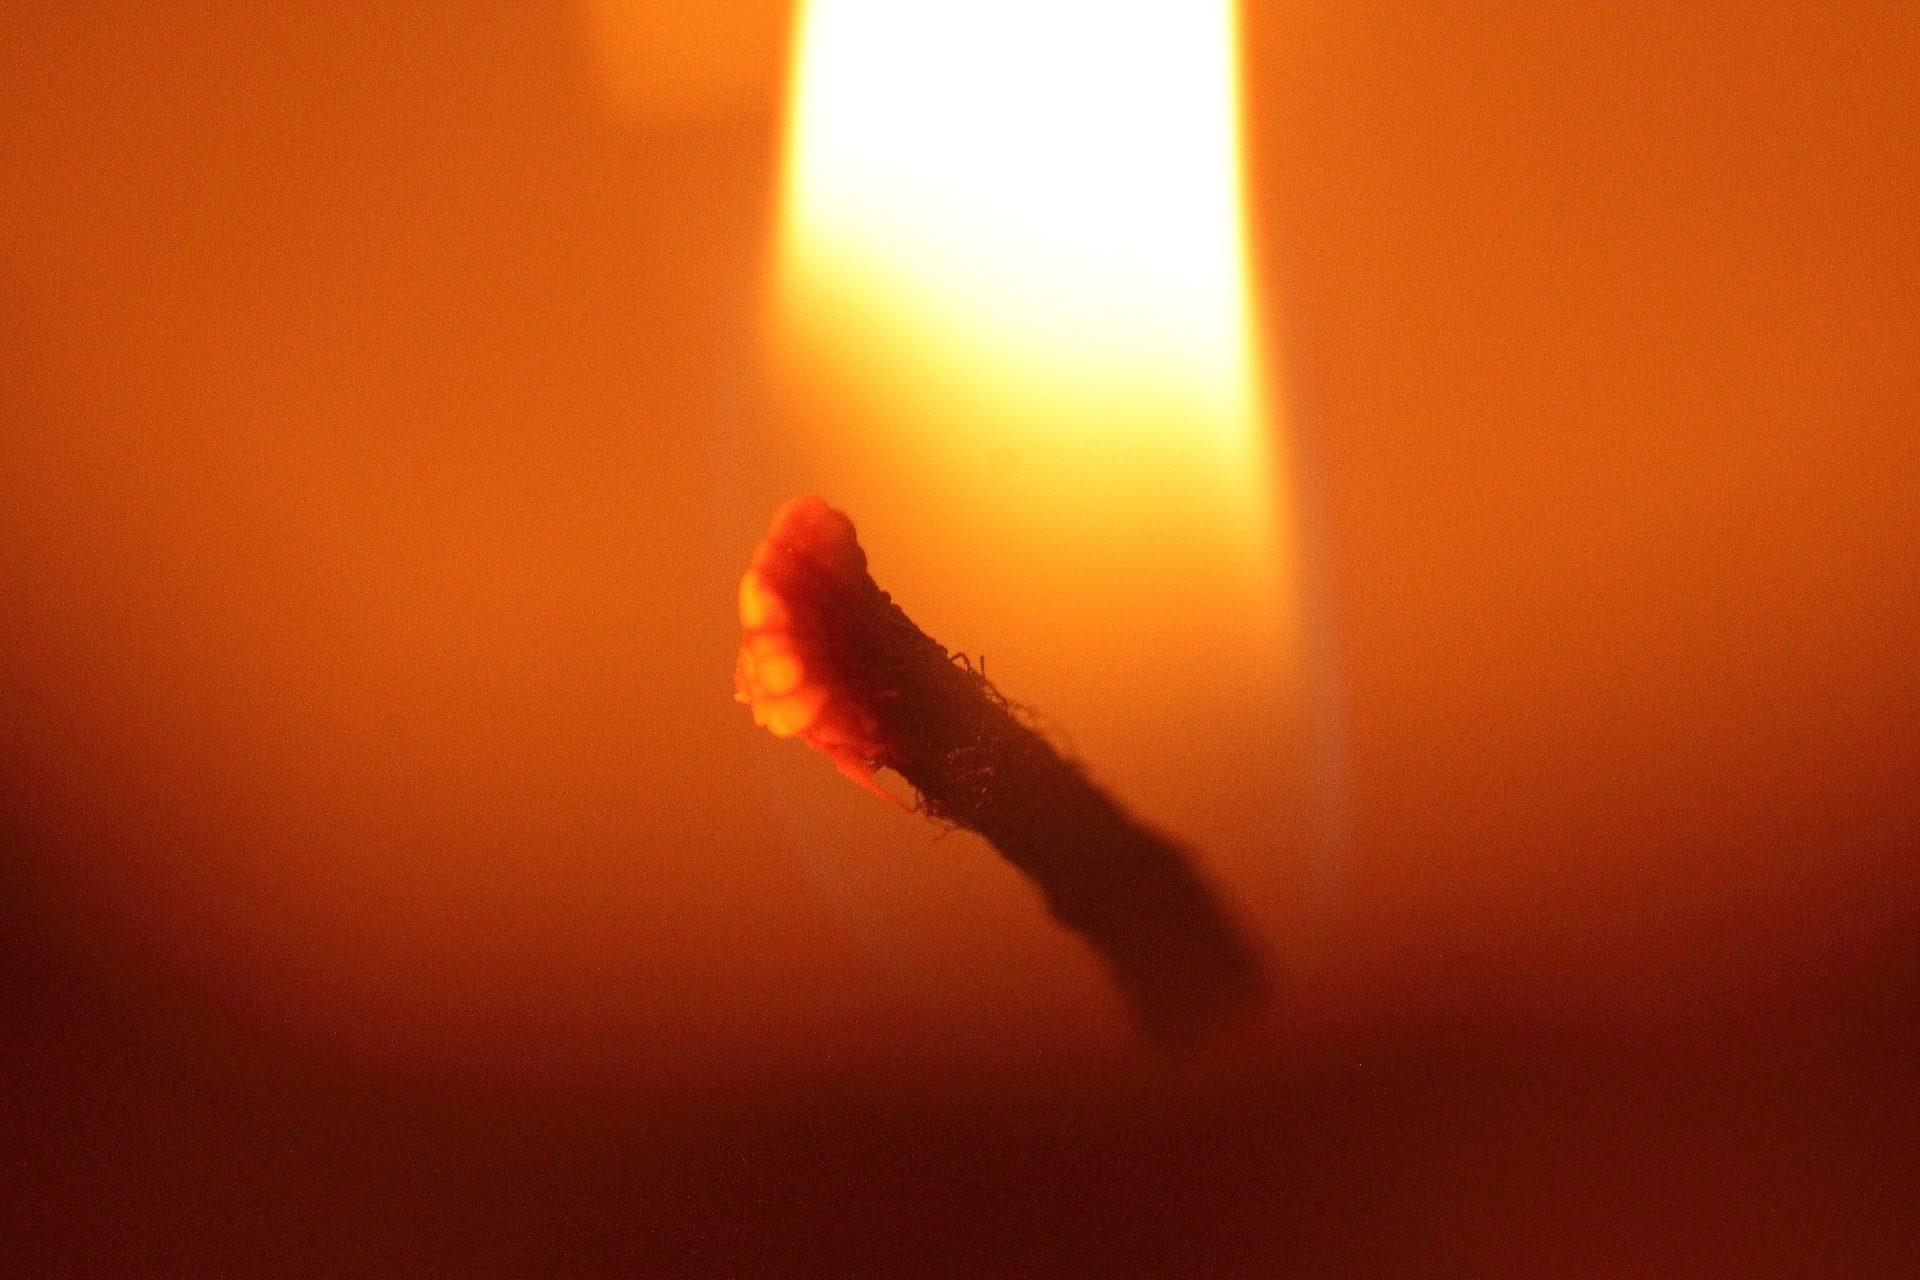 flama, vela, fogo, Feltro de lubrificação, luz, calor - Papéis de parede HD - Professor-falken.com